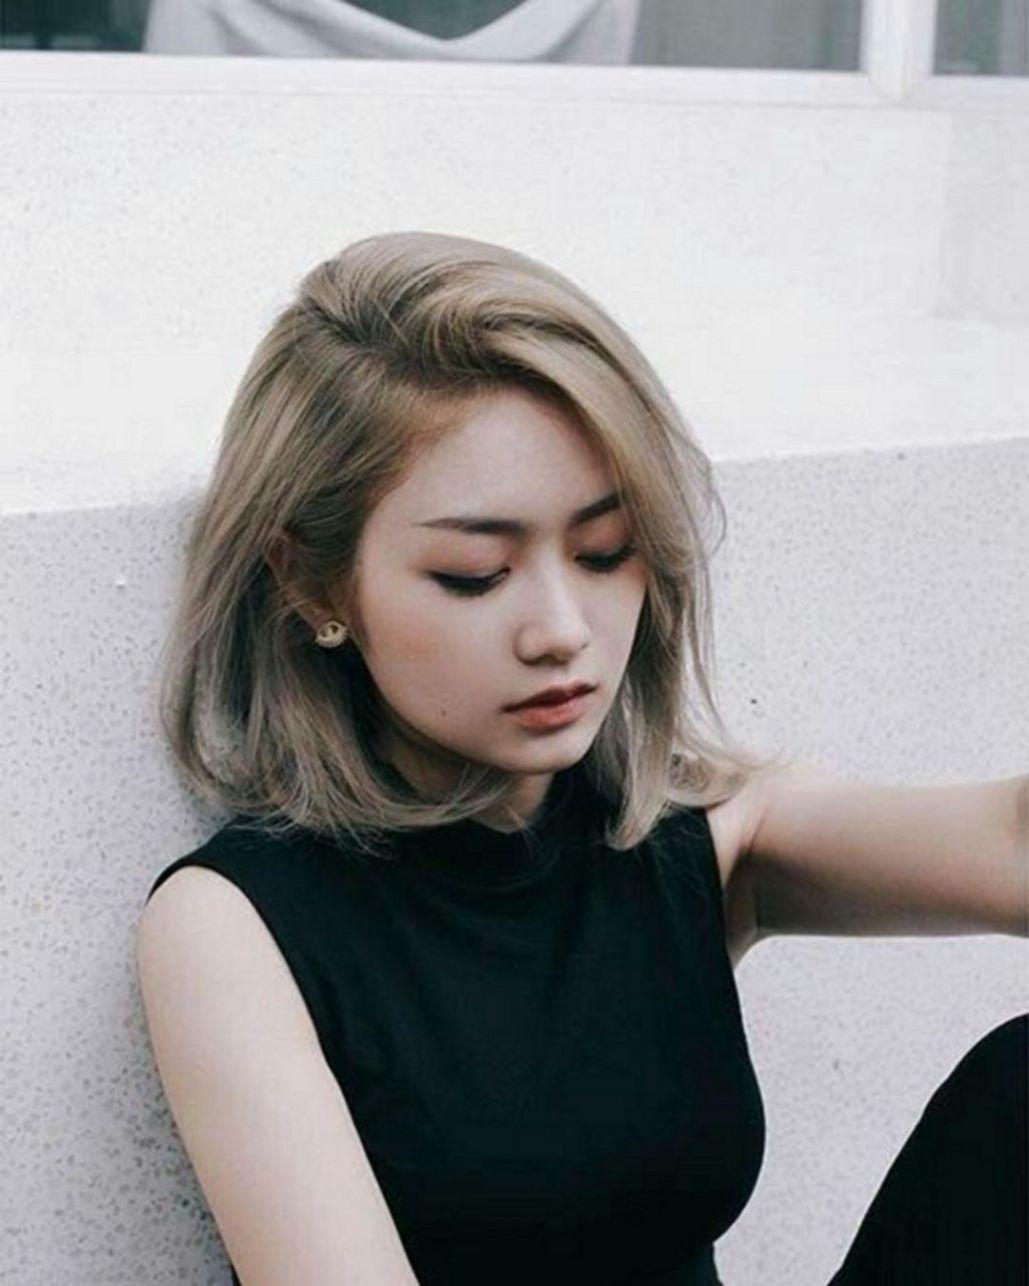 Kiểu tóc ngắn uốn cụp đẹp